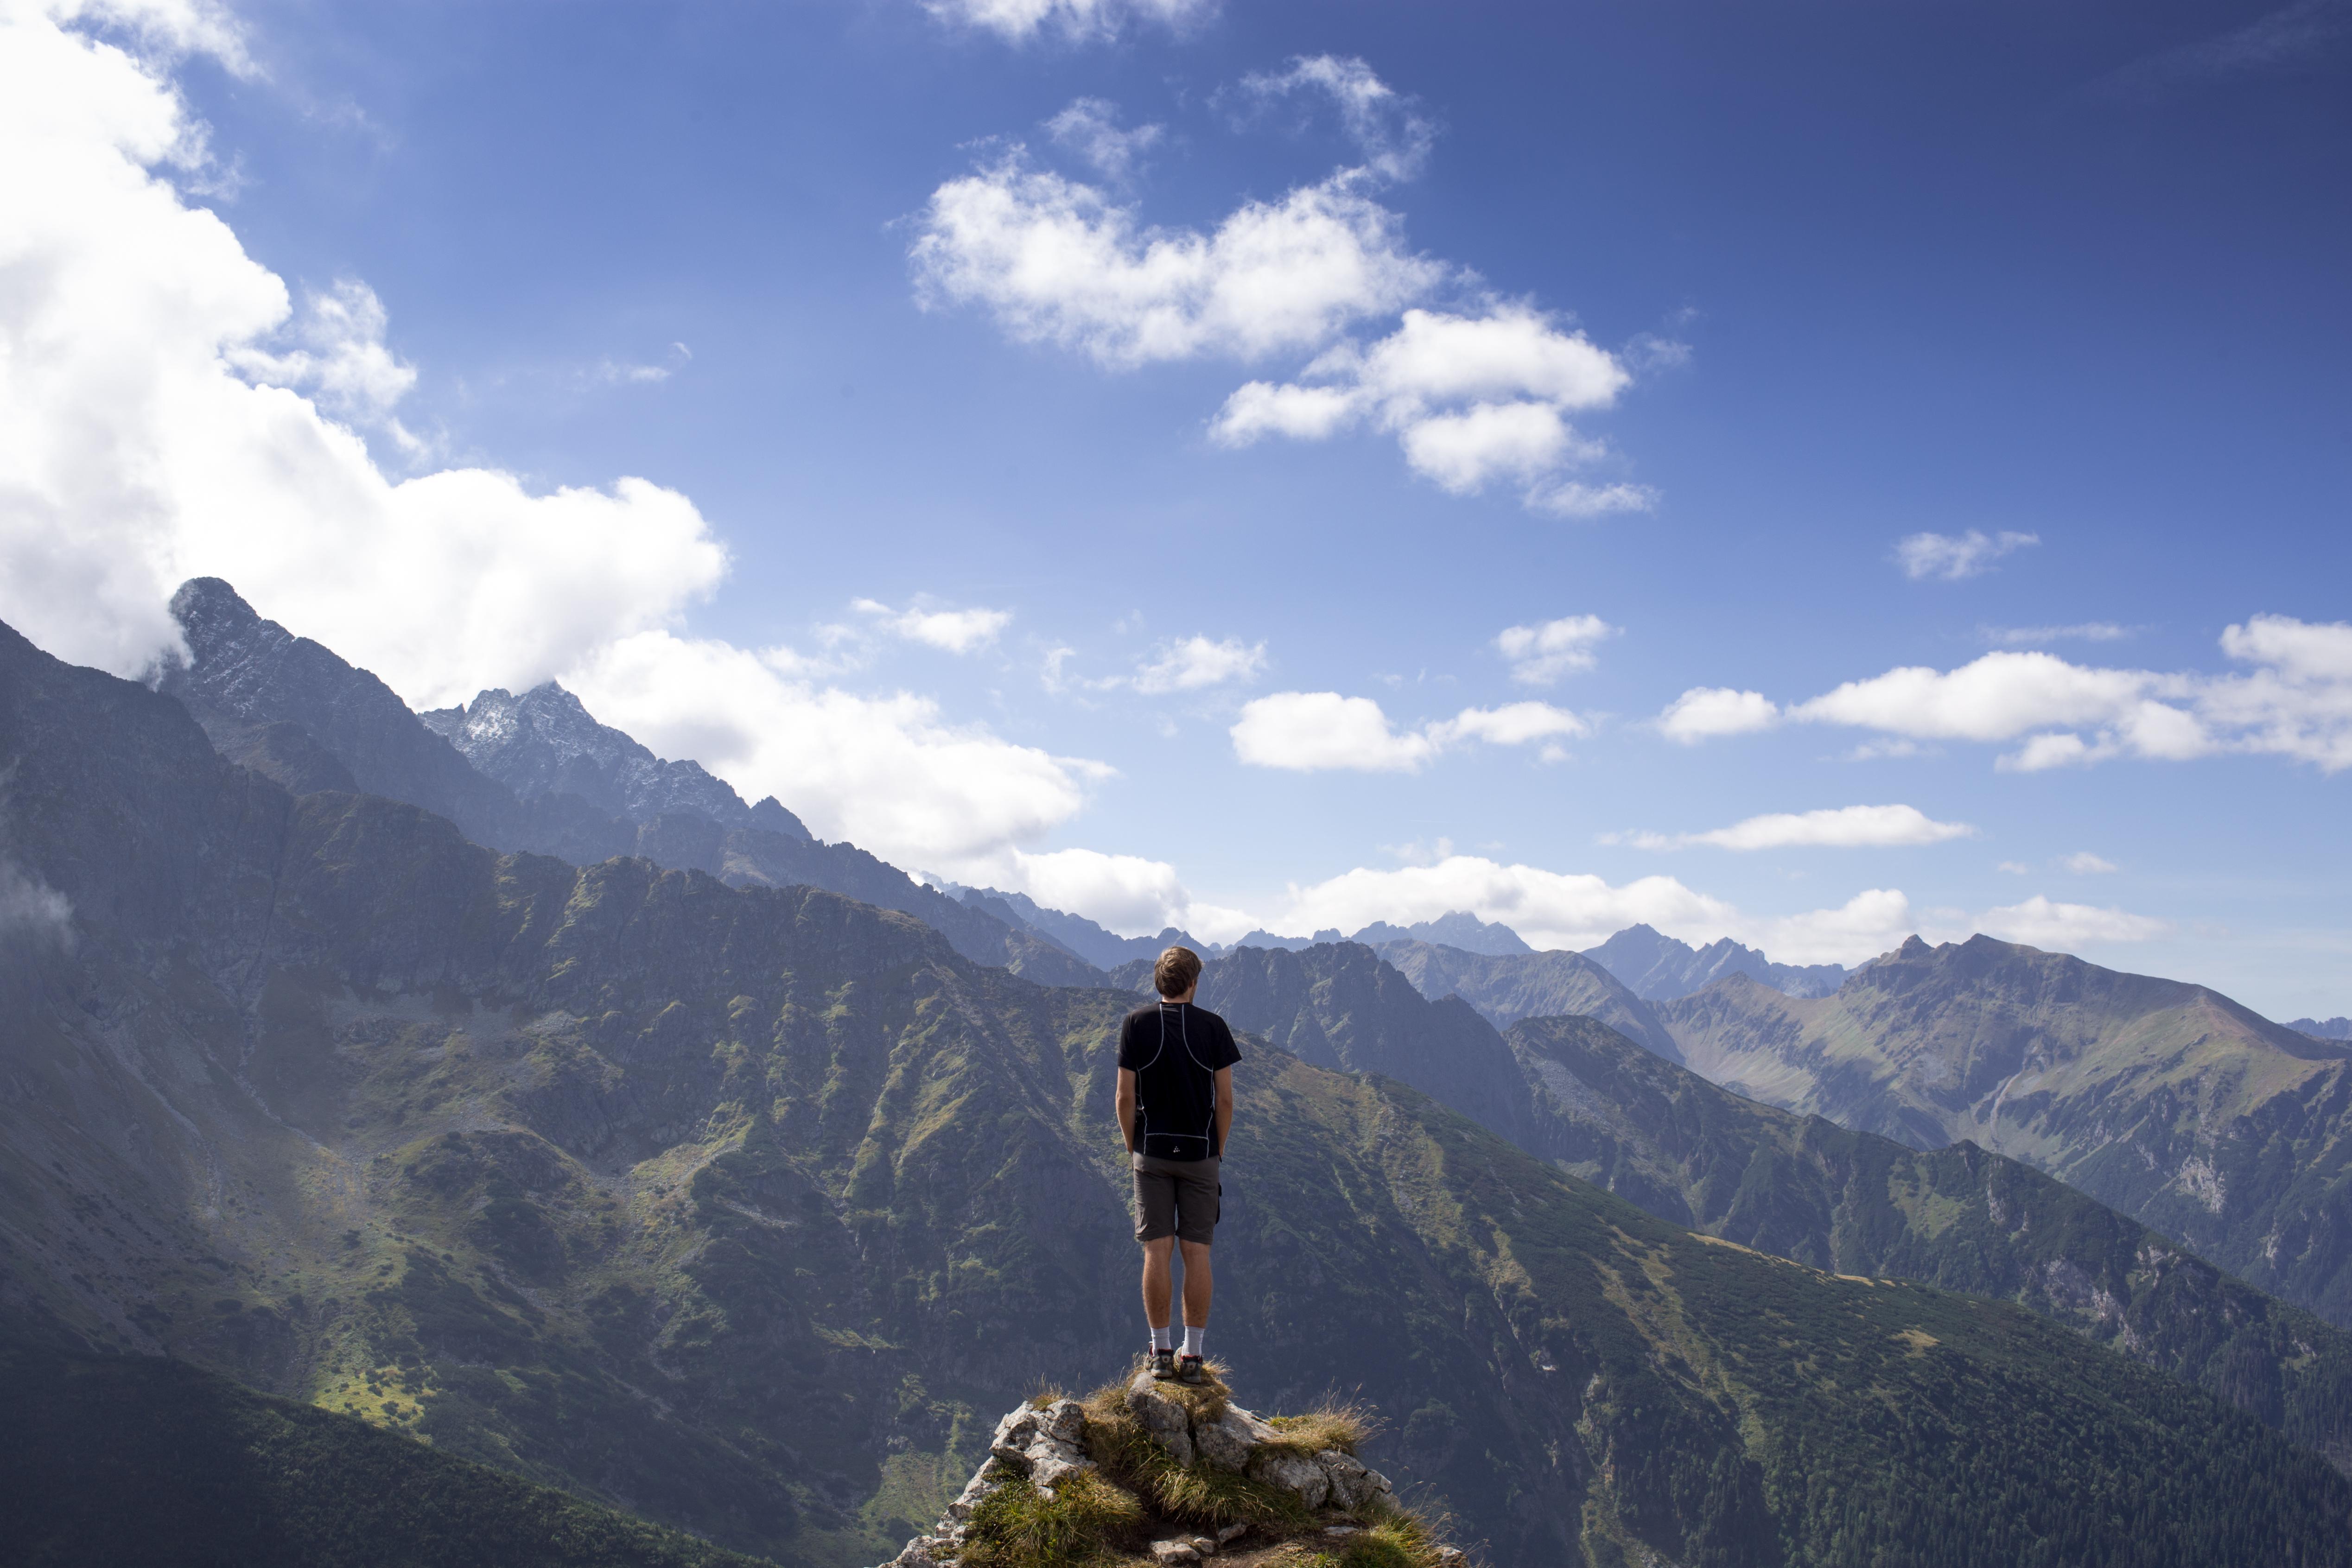 Фотографии человек в горах просто